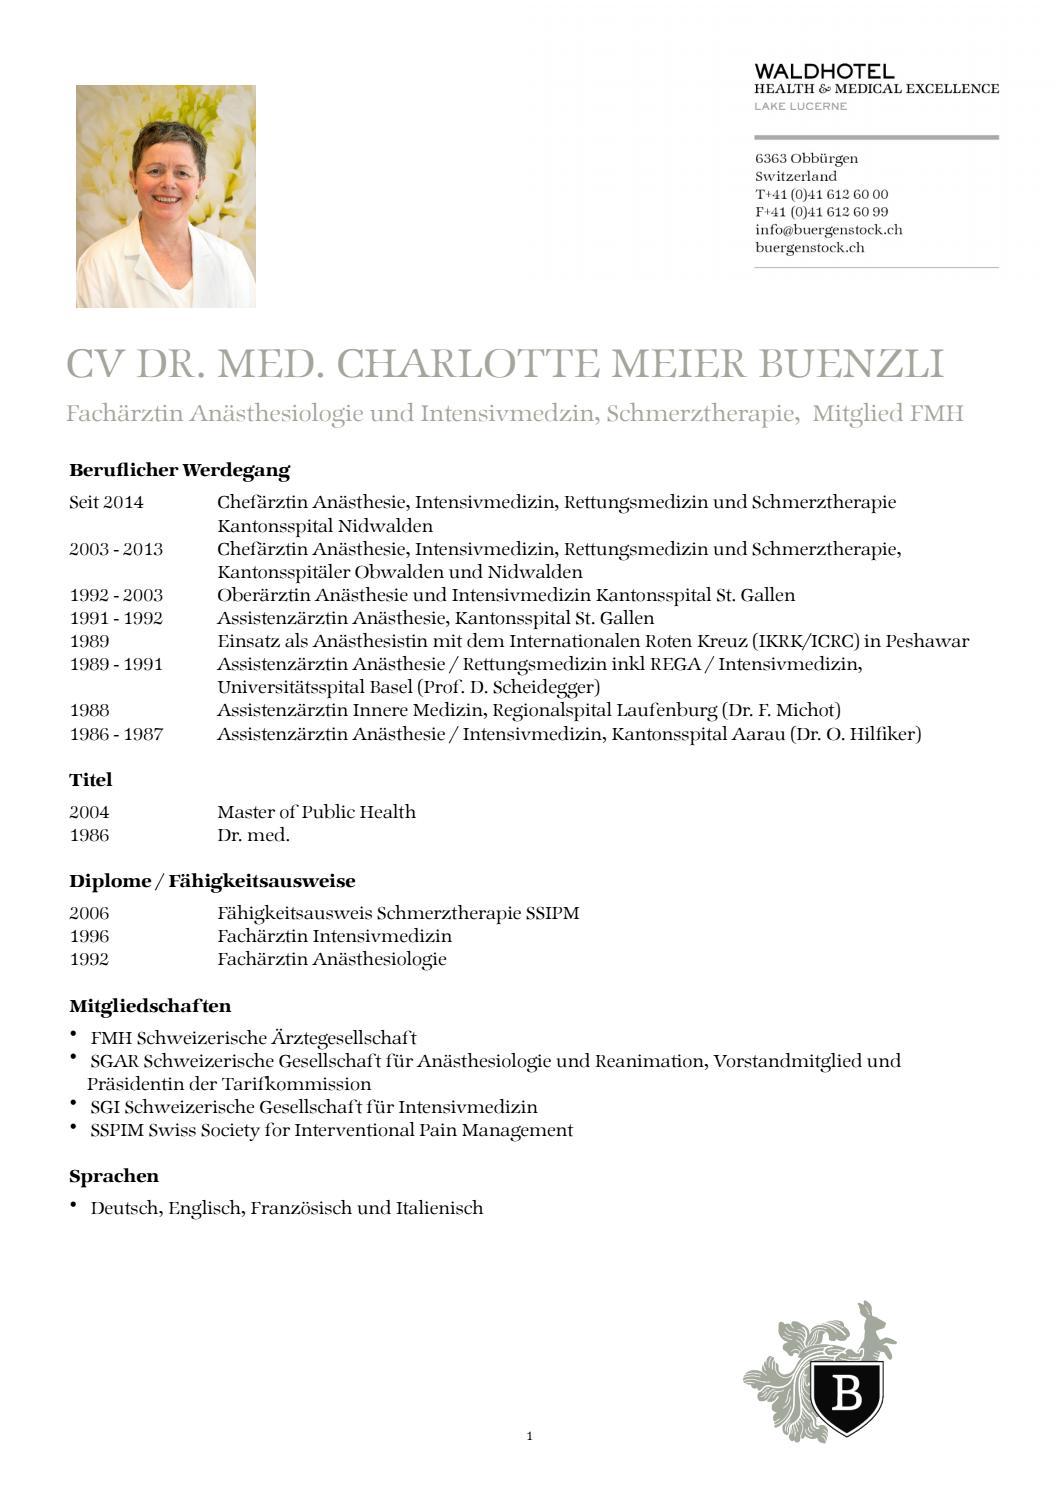 Berühmt Lebenslauf Auf Französisch Ideen - Entry Level Resume ...